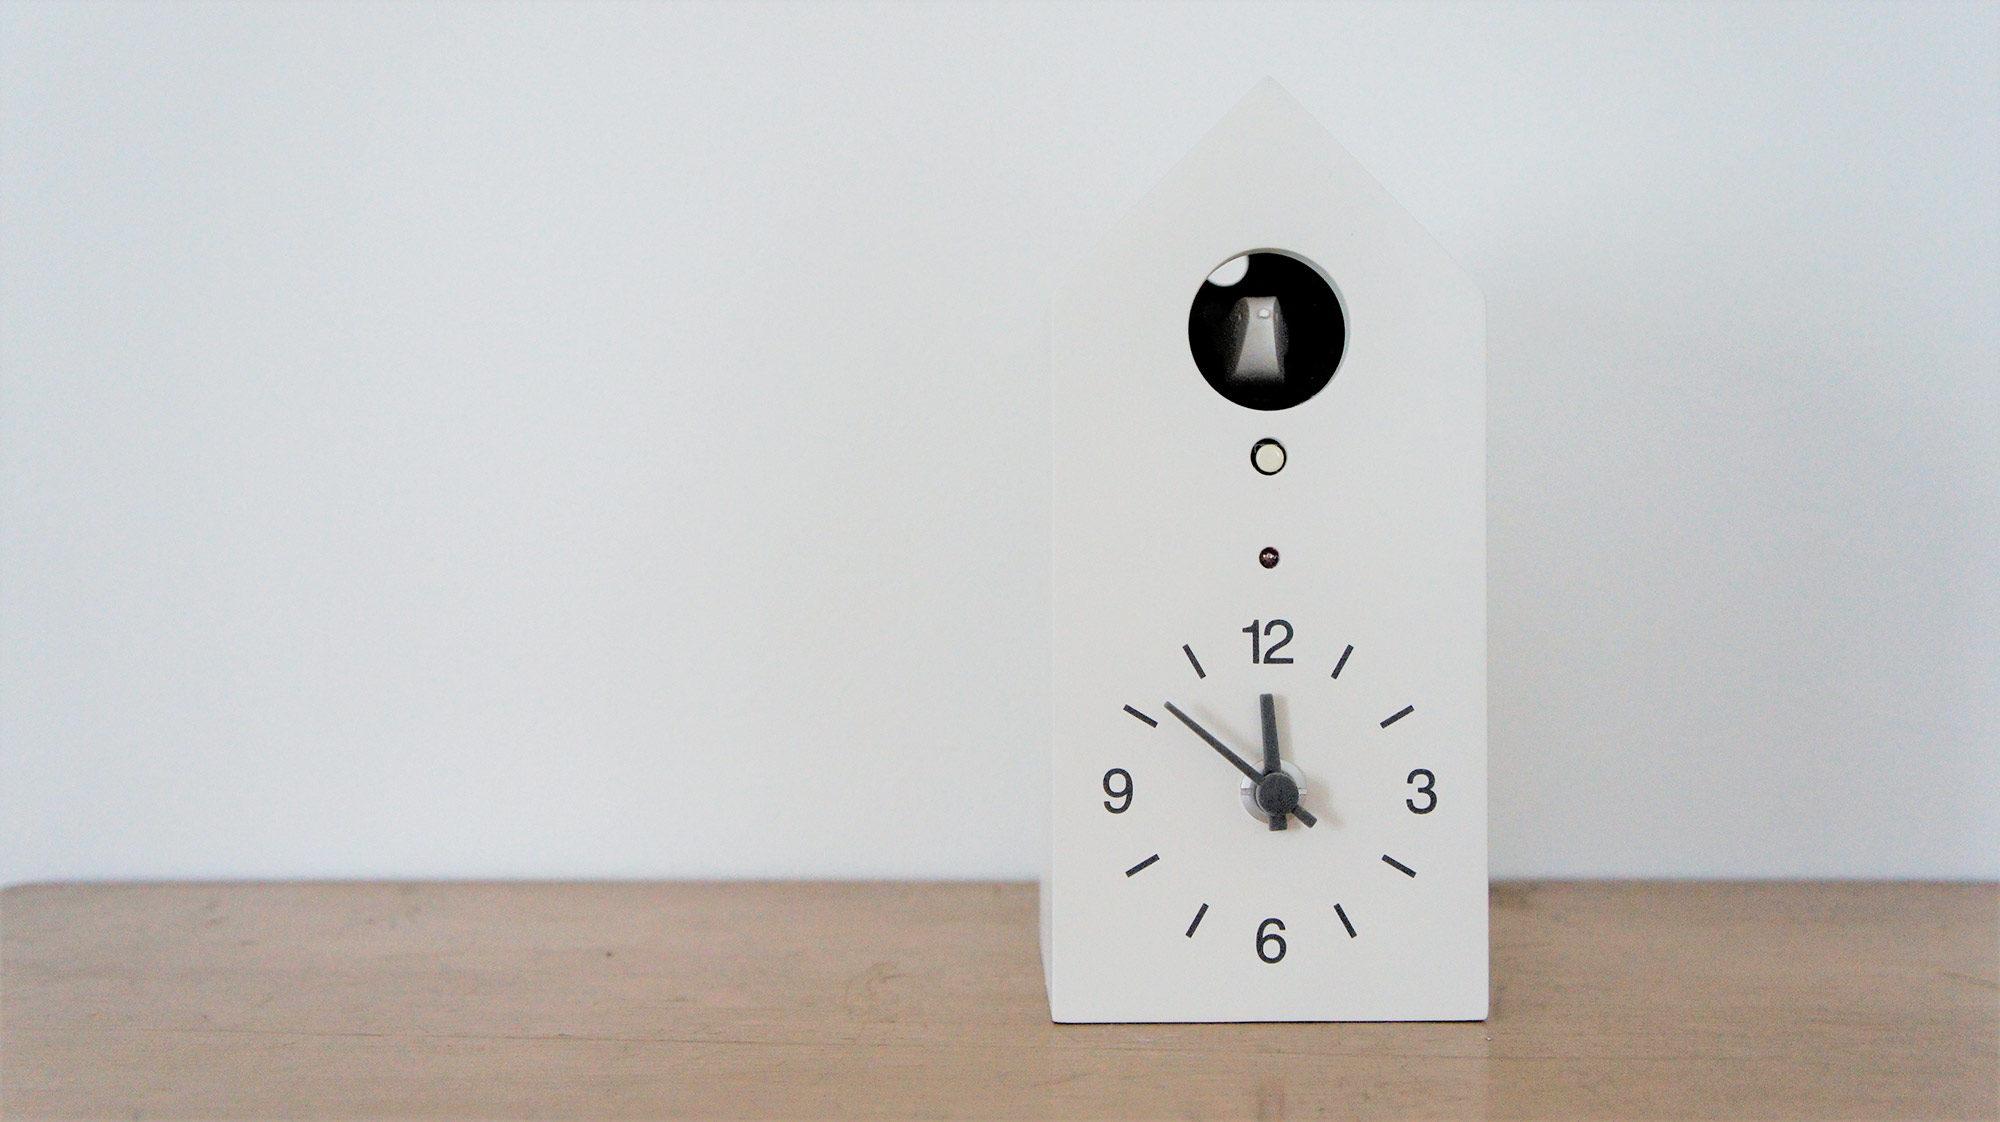 30分ごとに1回、正時のときは時刻の数だけ鳴きます。例えば、午前8時になったら8回、11時に鳴ったら11回鳴くといった感じです。